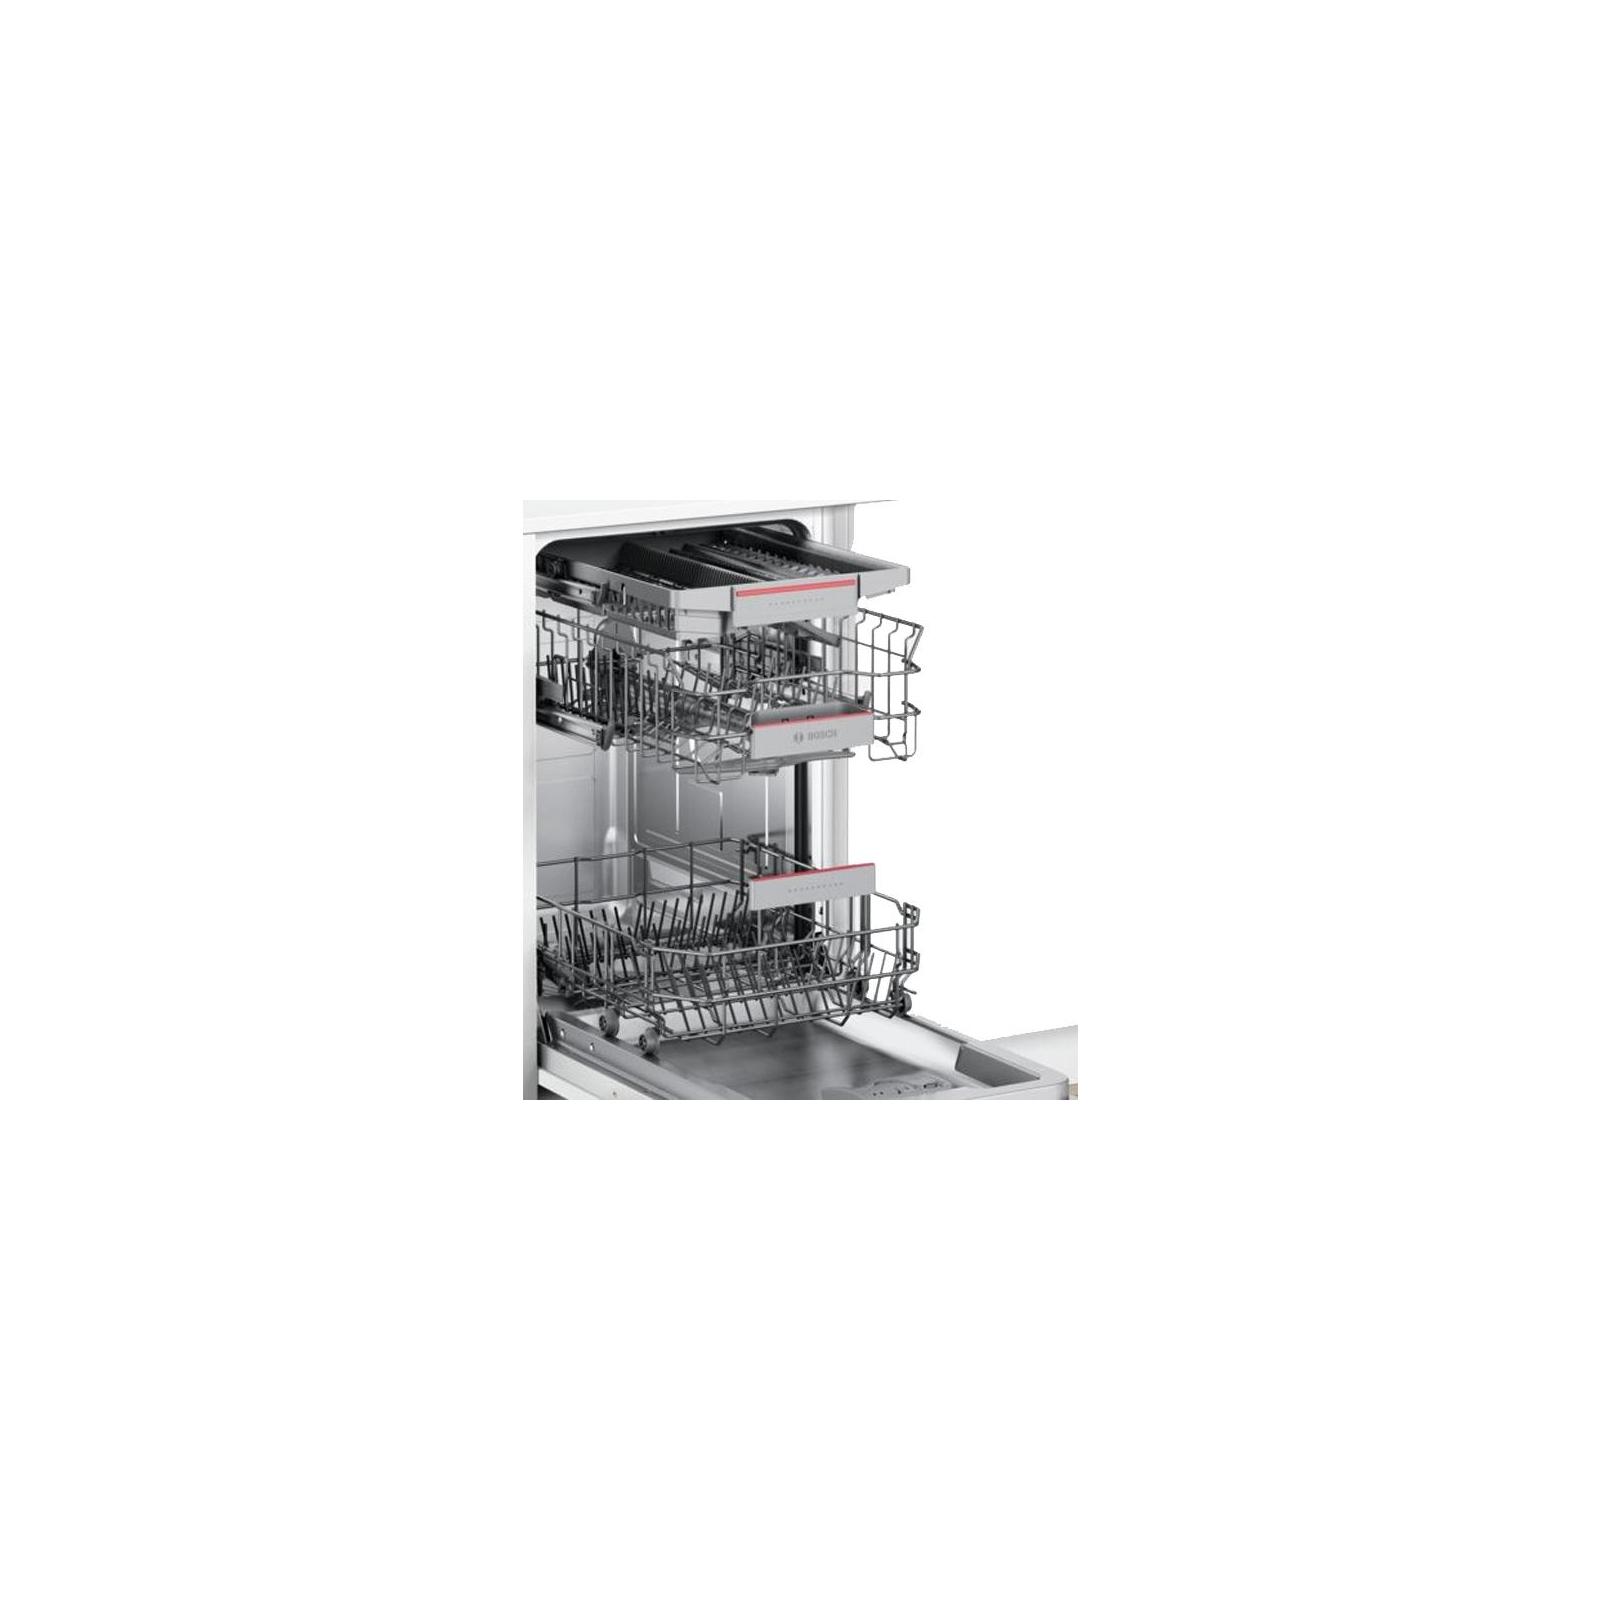 Посудомоечная машина BOSCH SPV 66 TX01E (SPV66TX01E) изображение 4